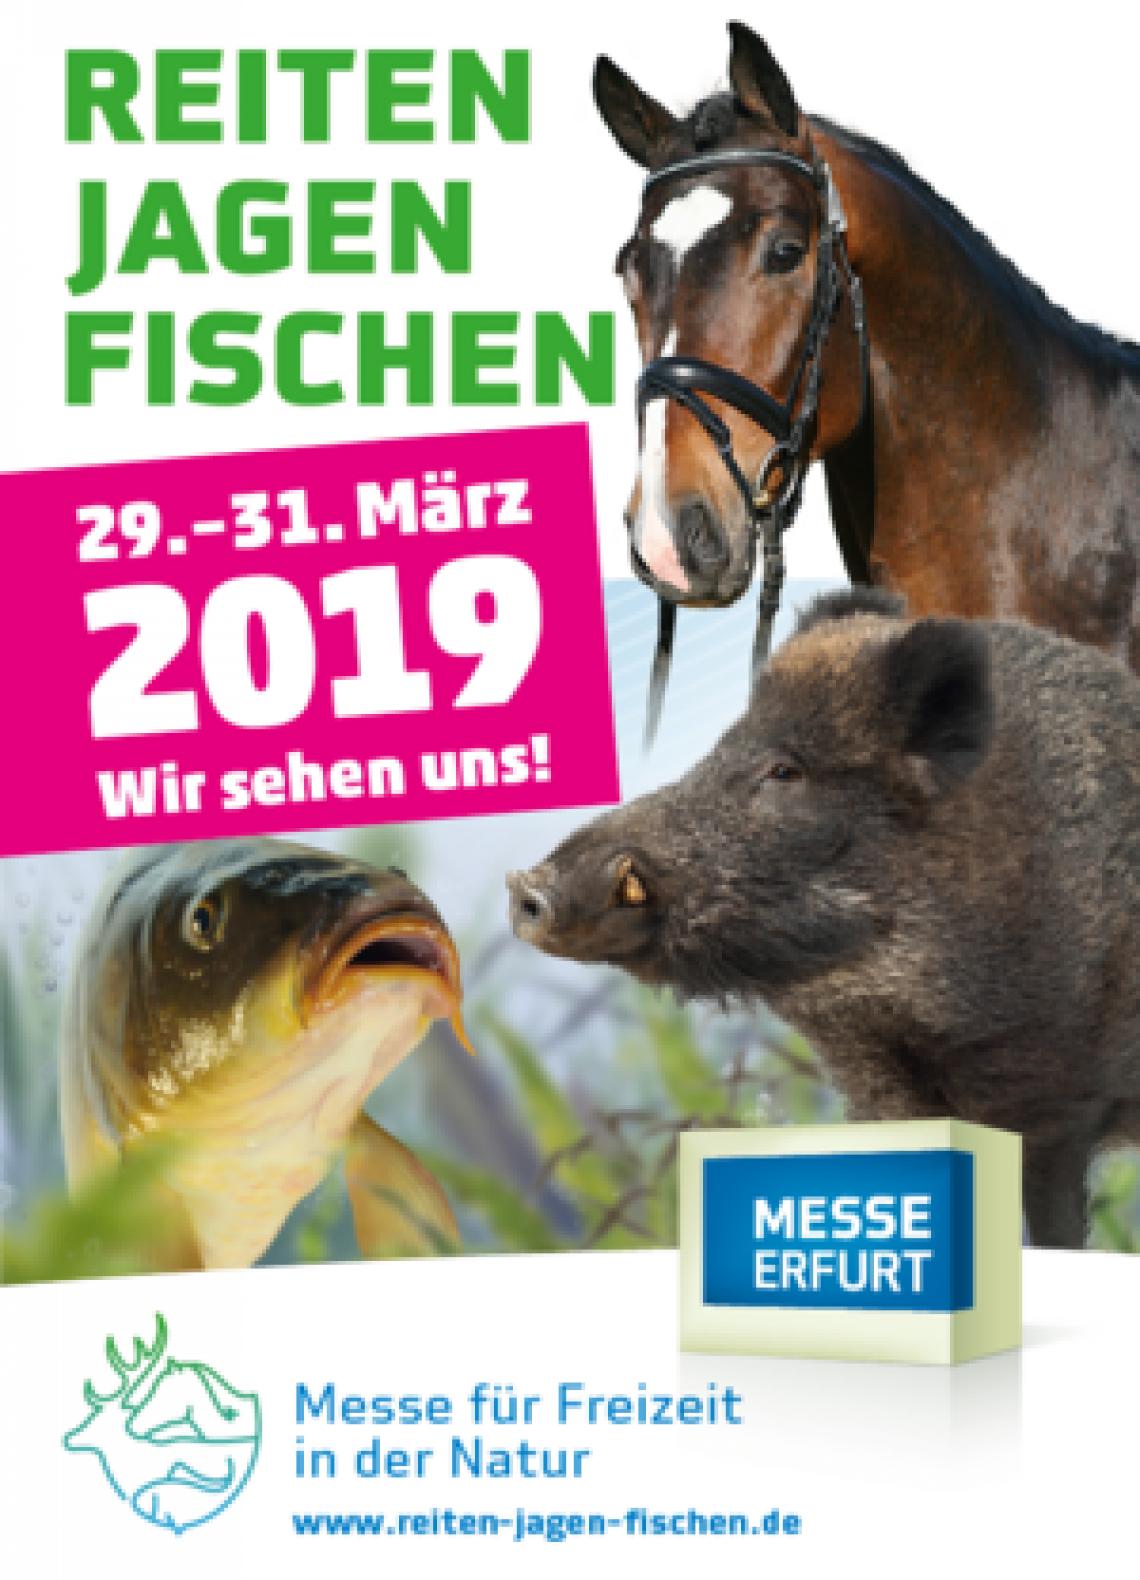 29. - 31. März 2019, Reiten-Jagen-Fischen Erfurt,